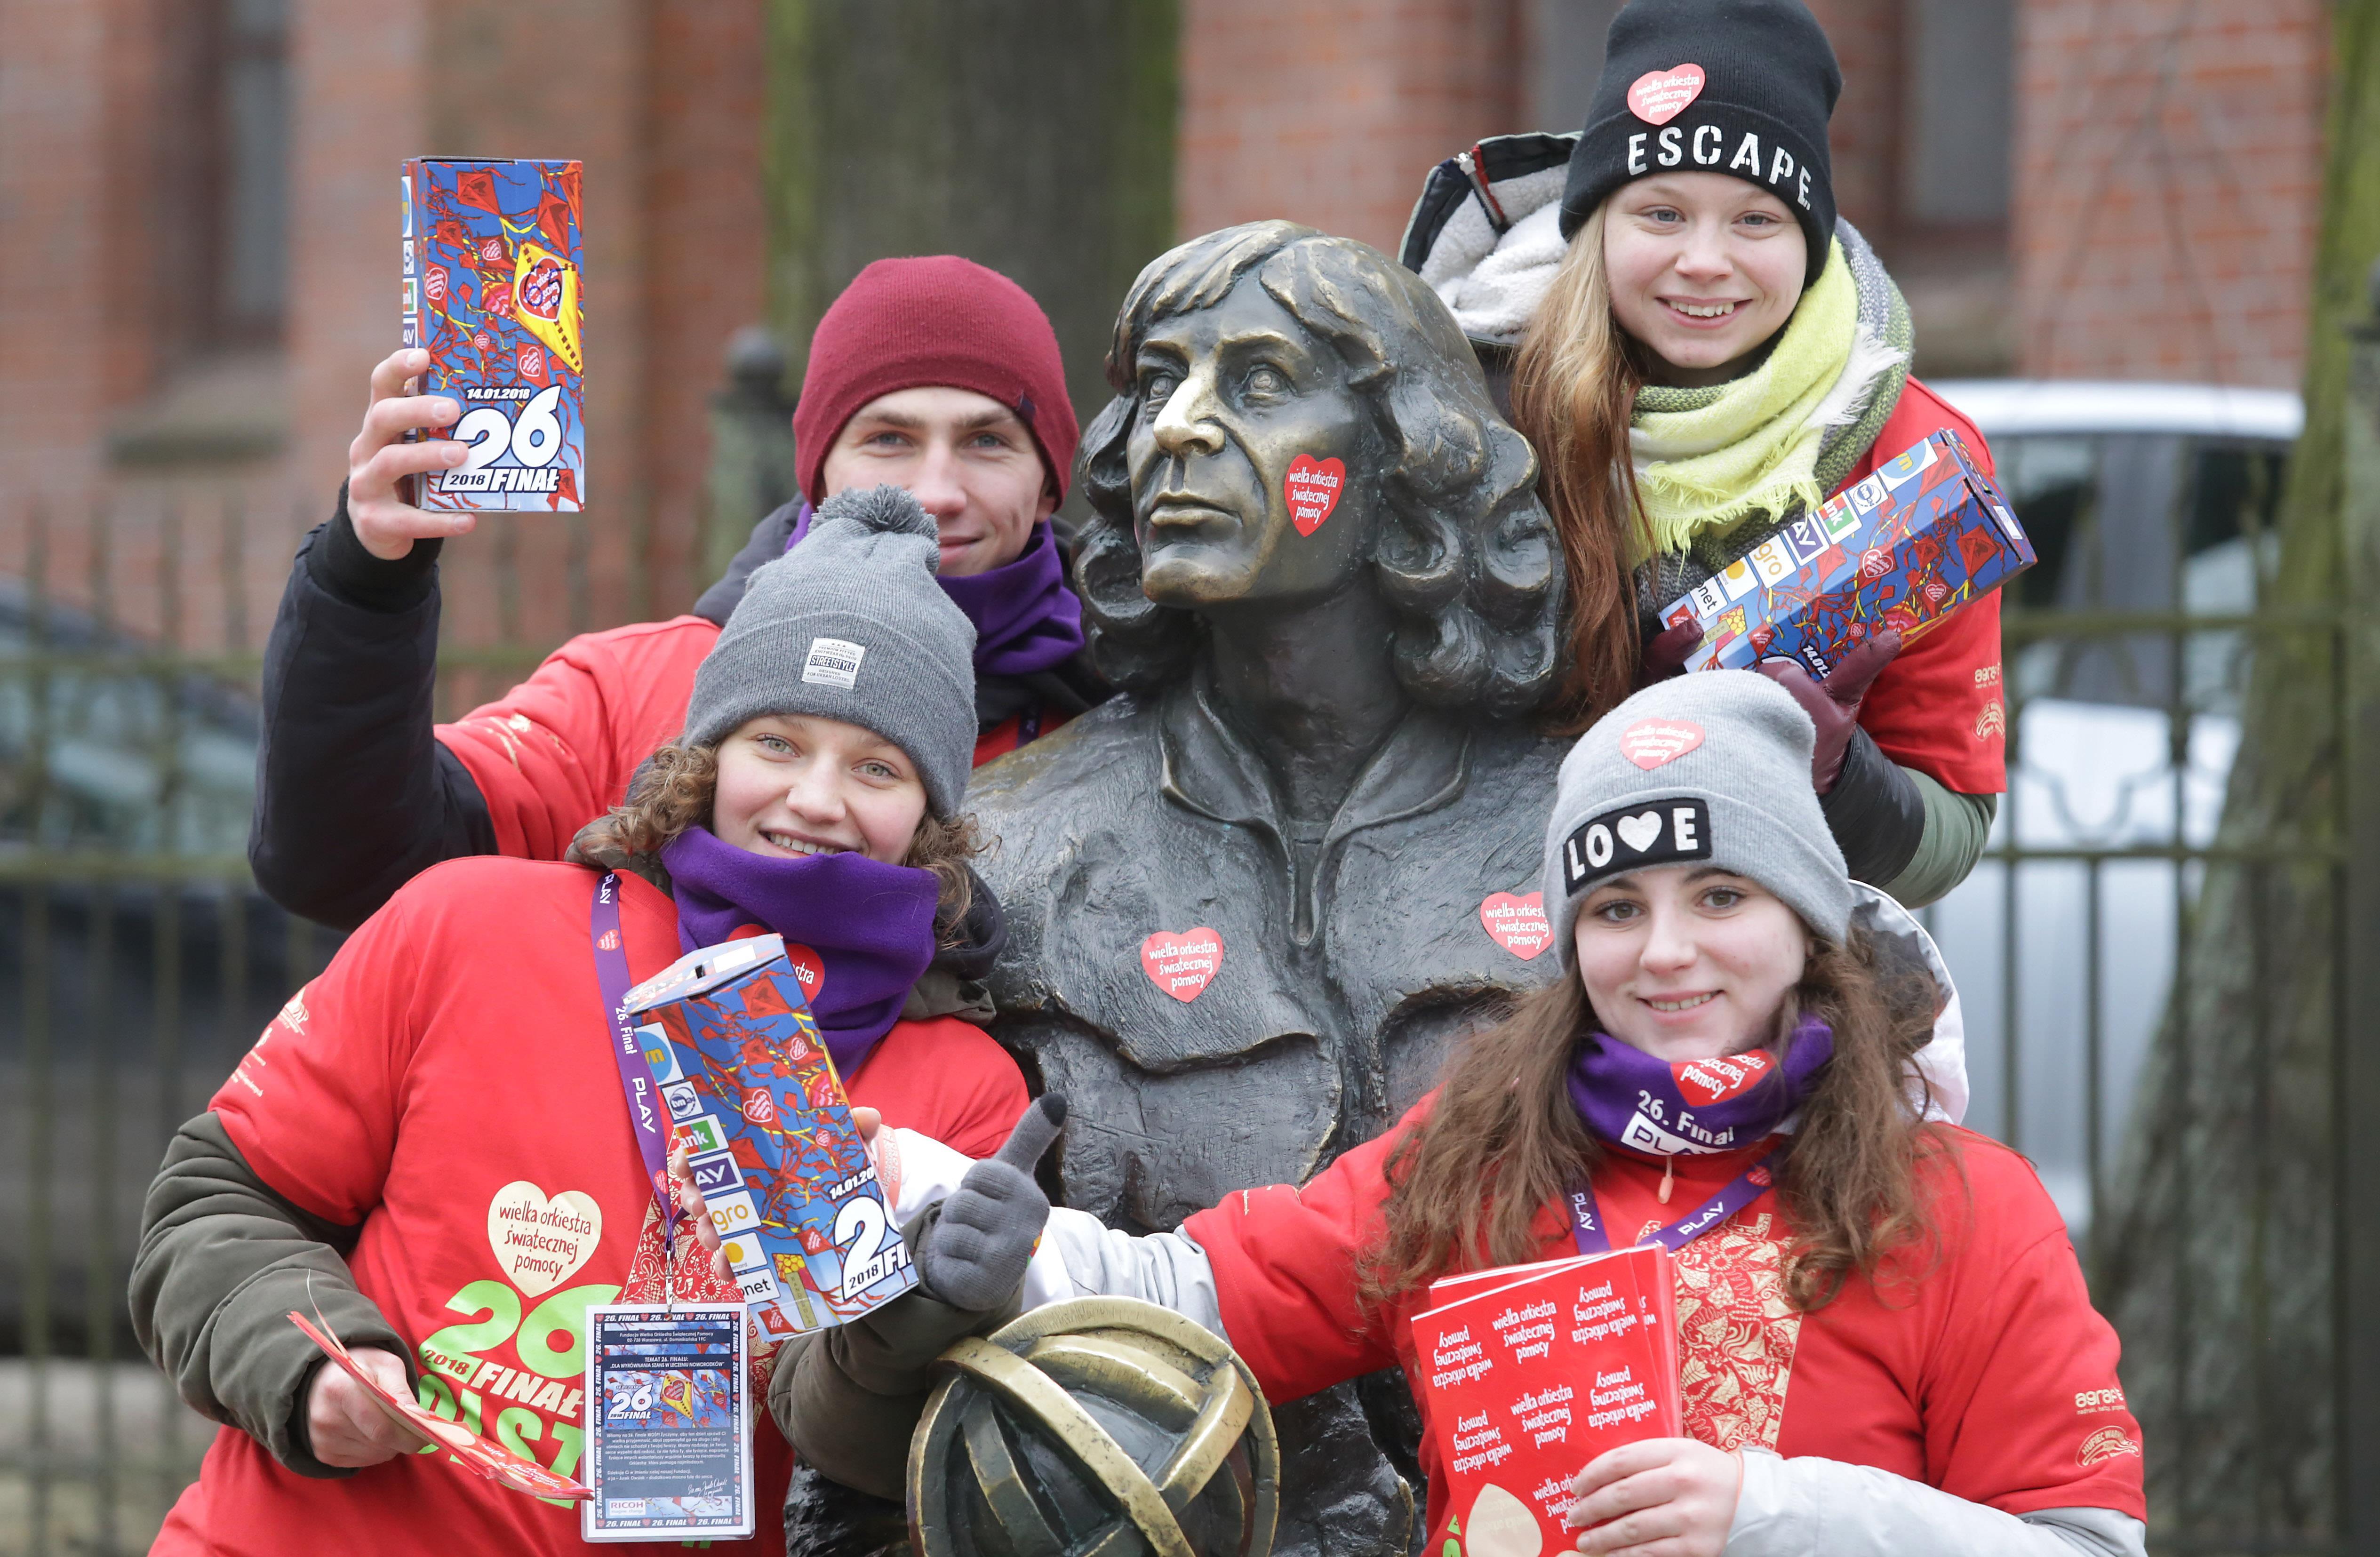 WOŚP 2018  Olsztyn- Wielka Orkiestra Świątecznej Pomocy po raz kolejny gra w Olsztynie